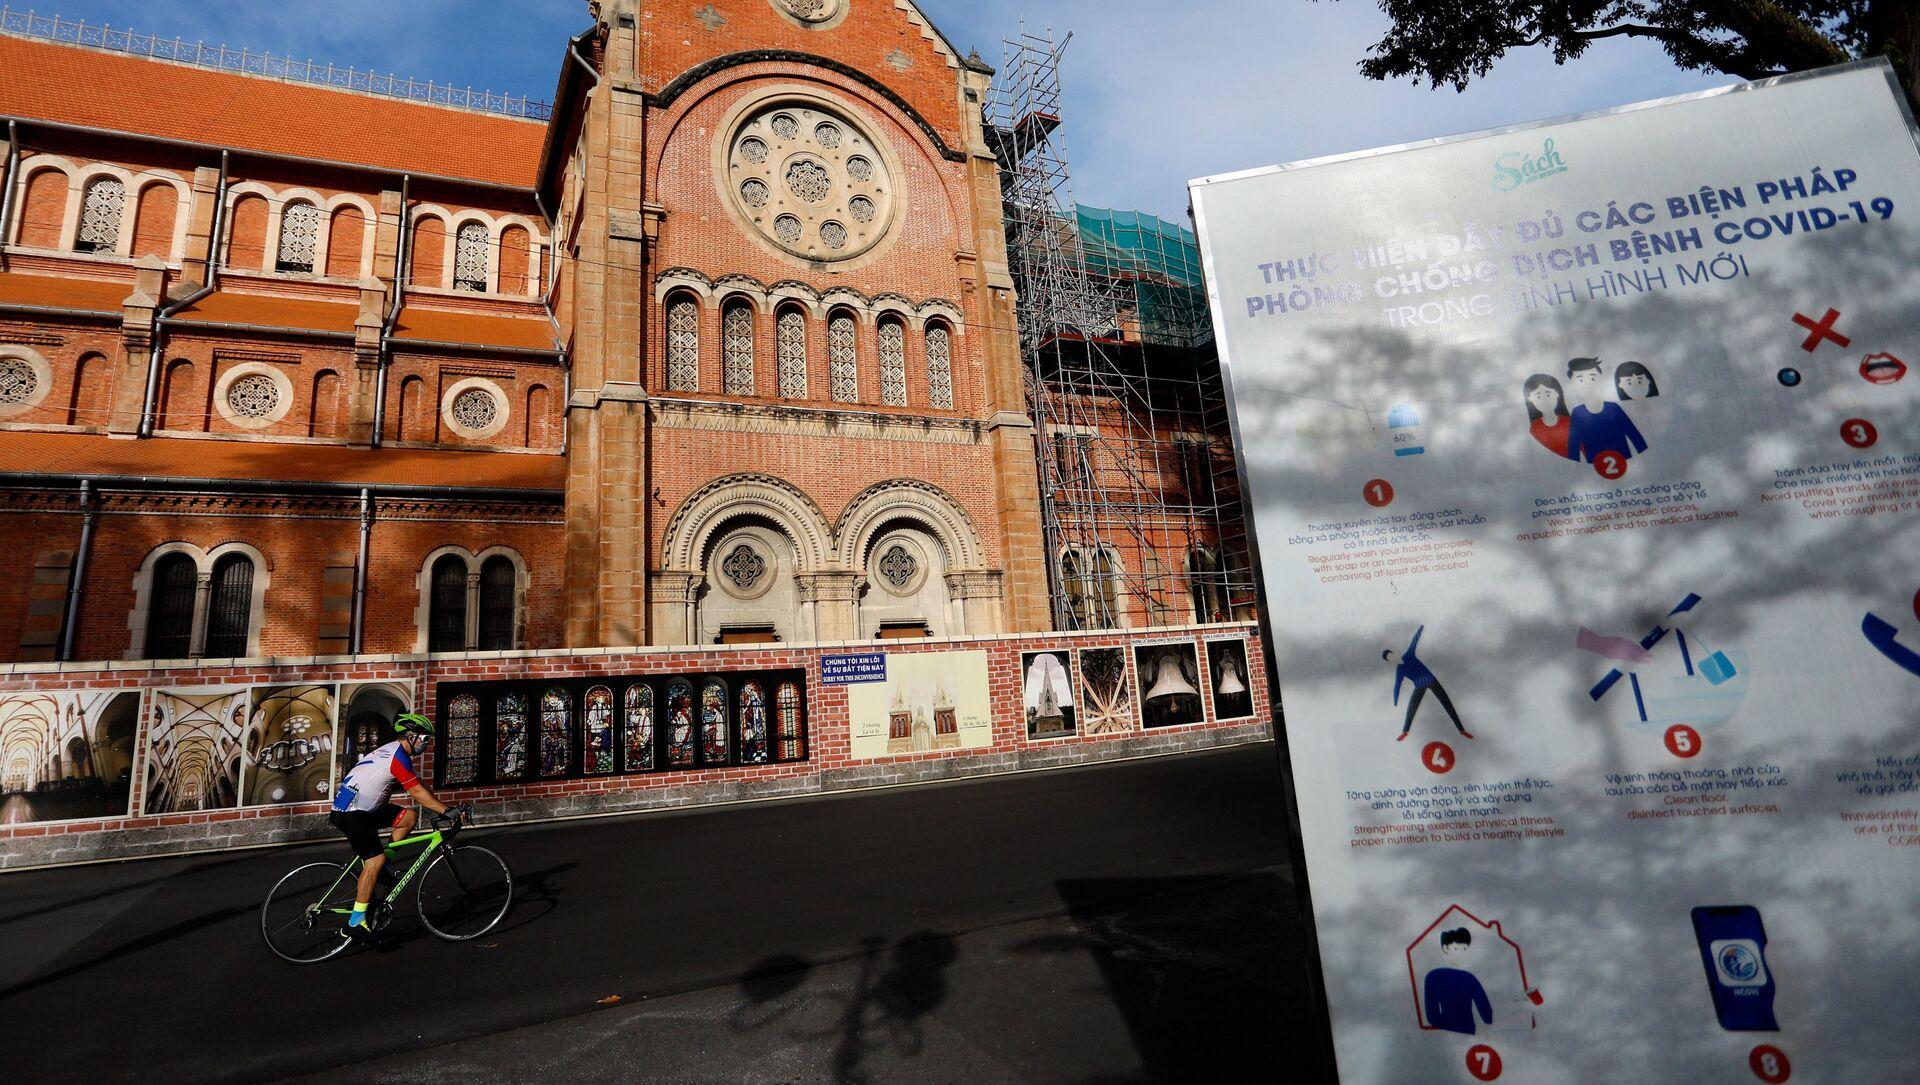 Nhà thờ Đức Bà Sài Gòn, Thành phố Hồ Chí Minh, Việt Nam - Sputnik Việt Nam, 1920, 01.09.2021